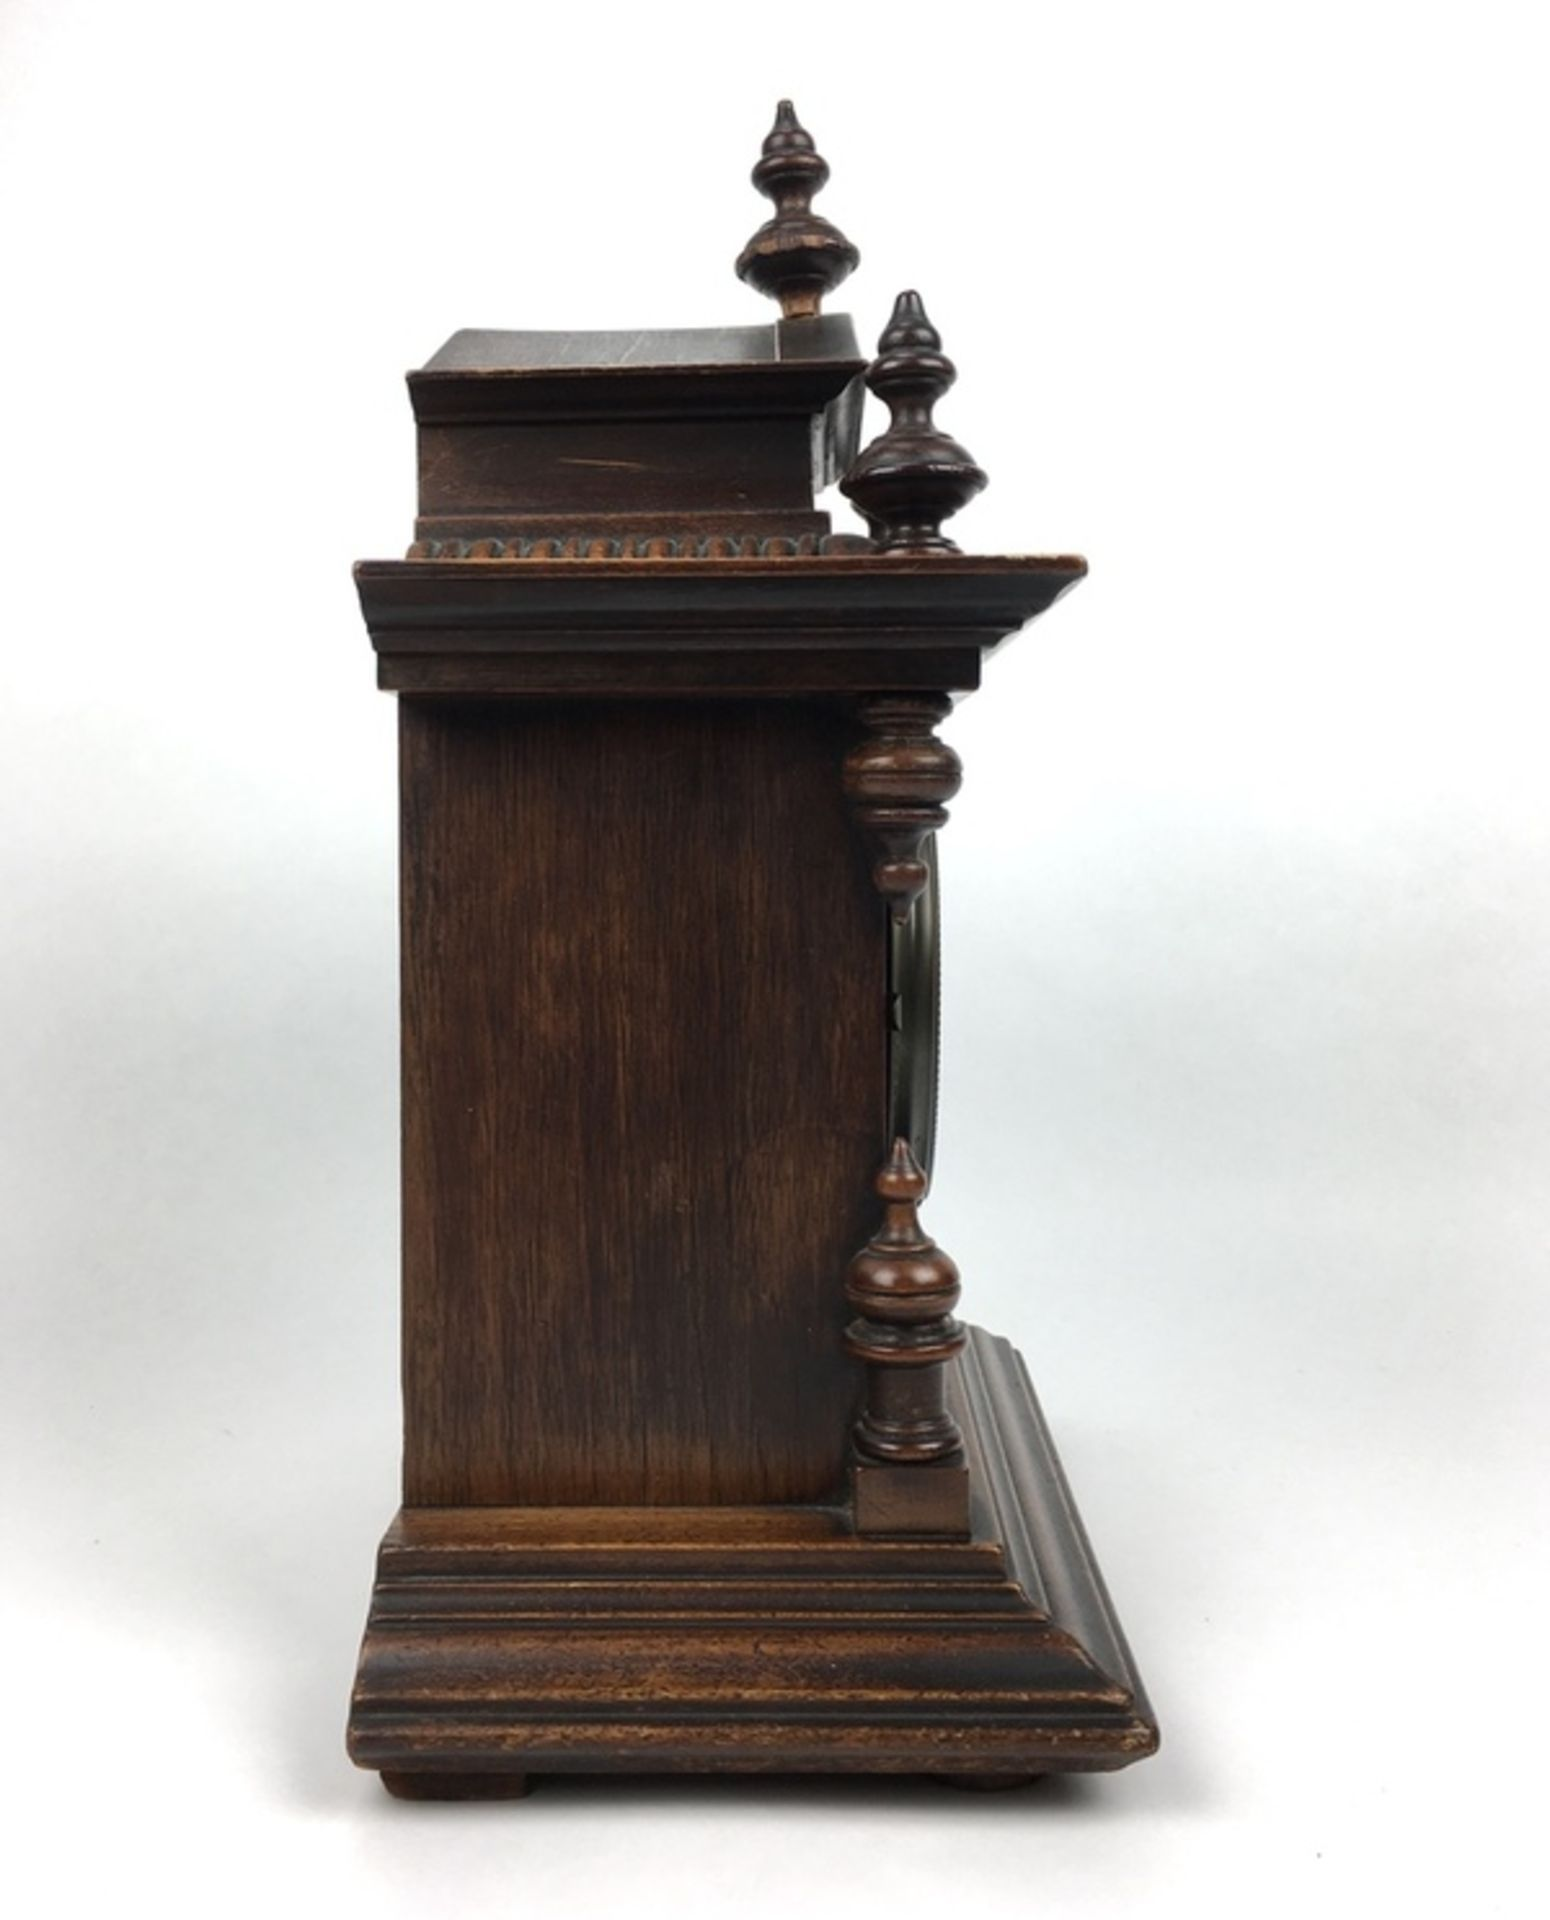 (Antiek) Tafelklok, JunghansHouten tafelklok met Junghans uurwerk en wekker. Emaille wijzerplaa - Image 2 of 7